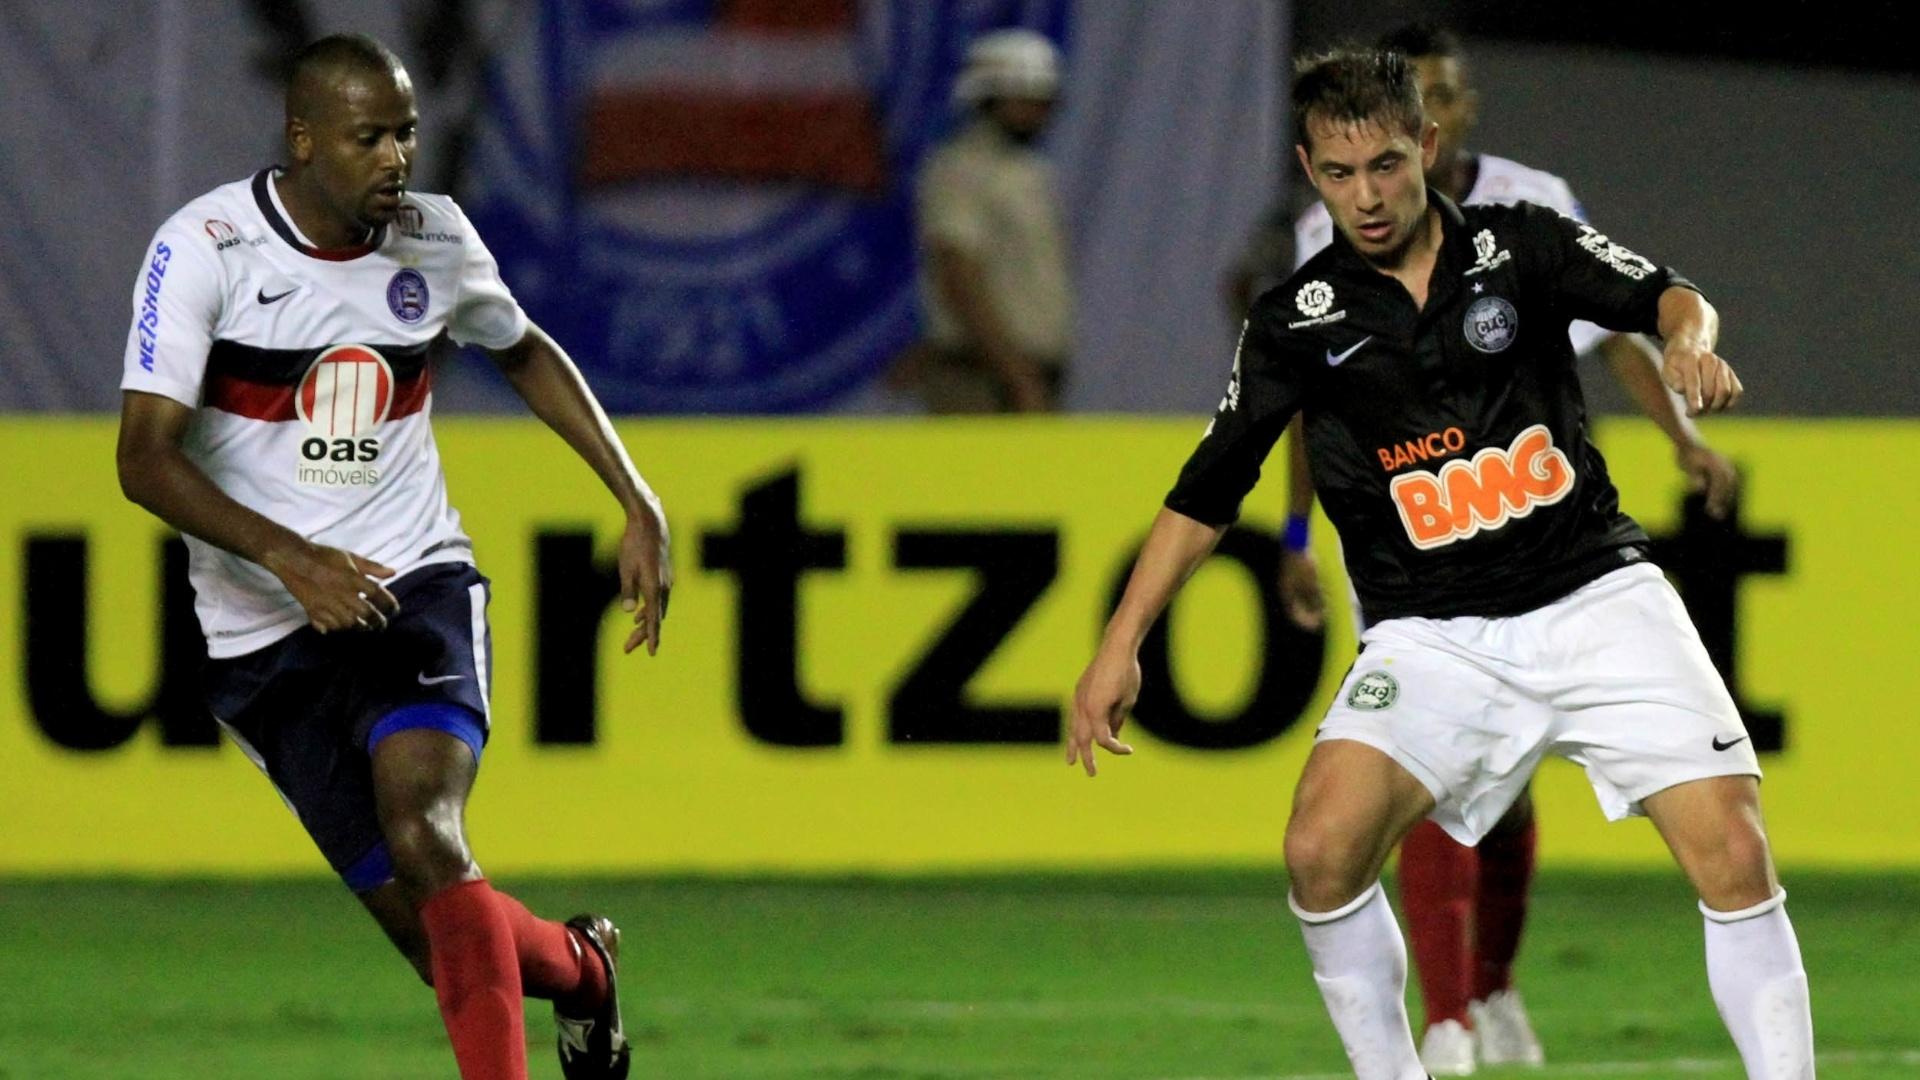 Meia Everton Ribeiro, do Coritiba, domina a bola com Fabinho, do Bahia, na marcação